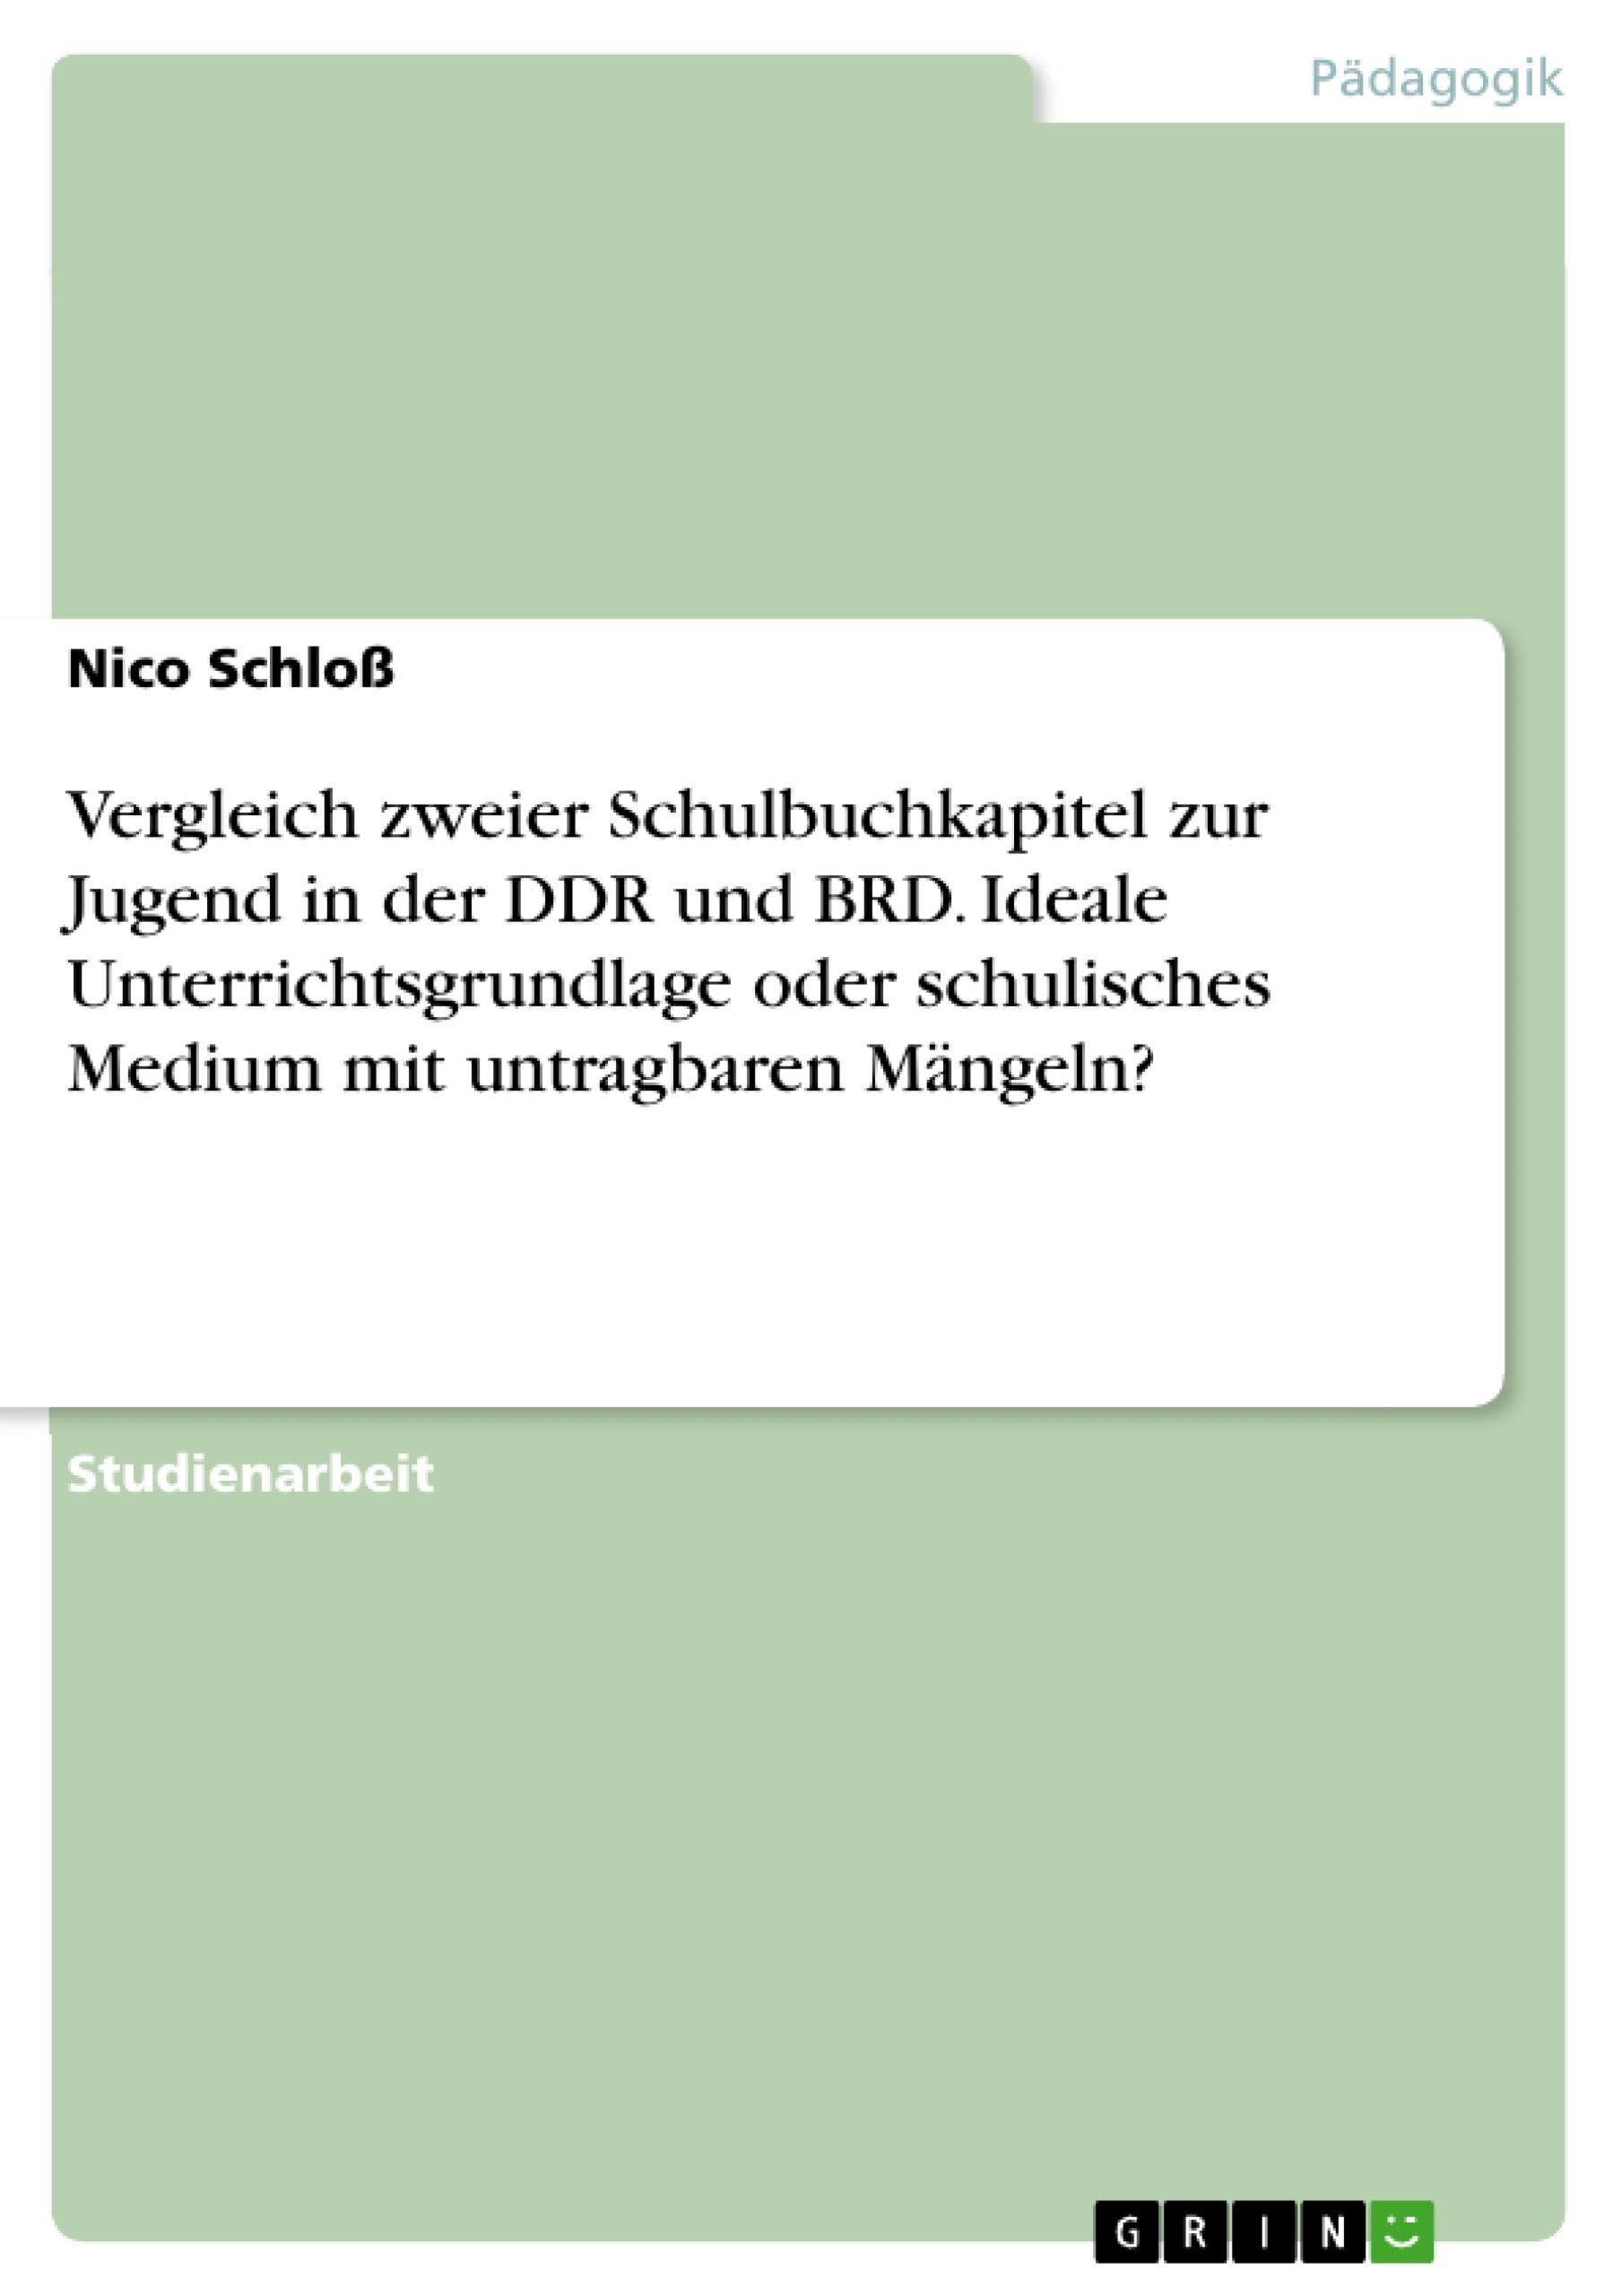 Titel: Vergleich zweier Schulbuchkapitel zur Jugend in der DDR und BRD. Ideale Unterrichtsgrundlage oder schulisches Medium mit untragbaren Mängeln?